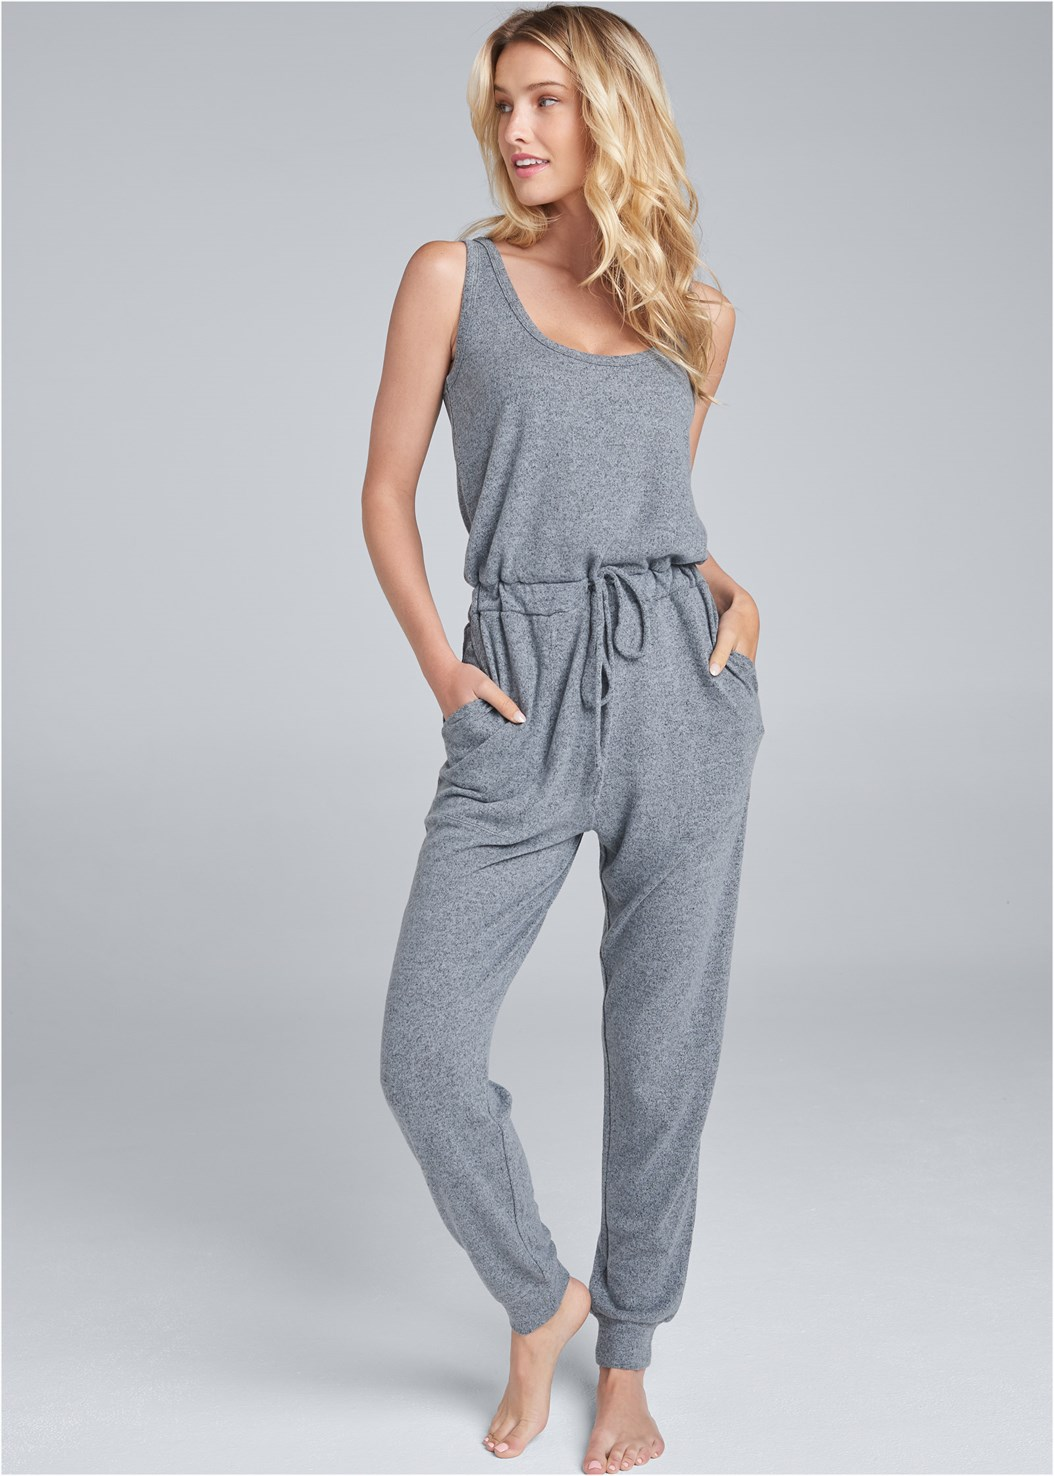 Cozy Hacci Jumpsuit,Cozy Hacci Duster,Seamless Lace Comfort Bra